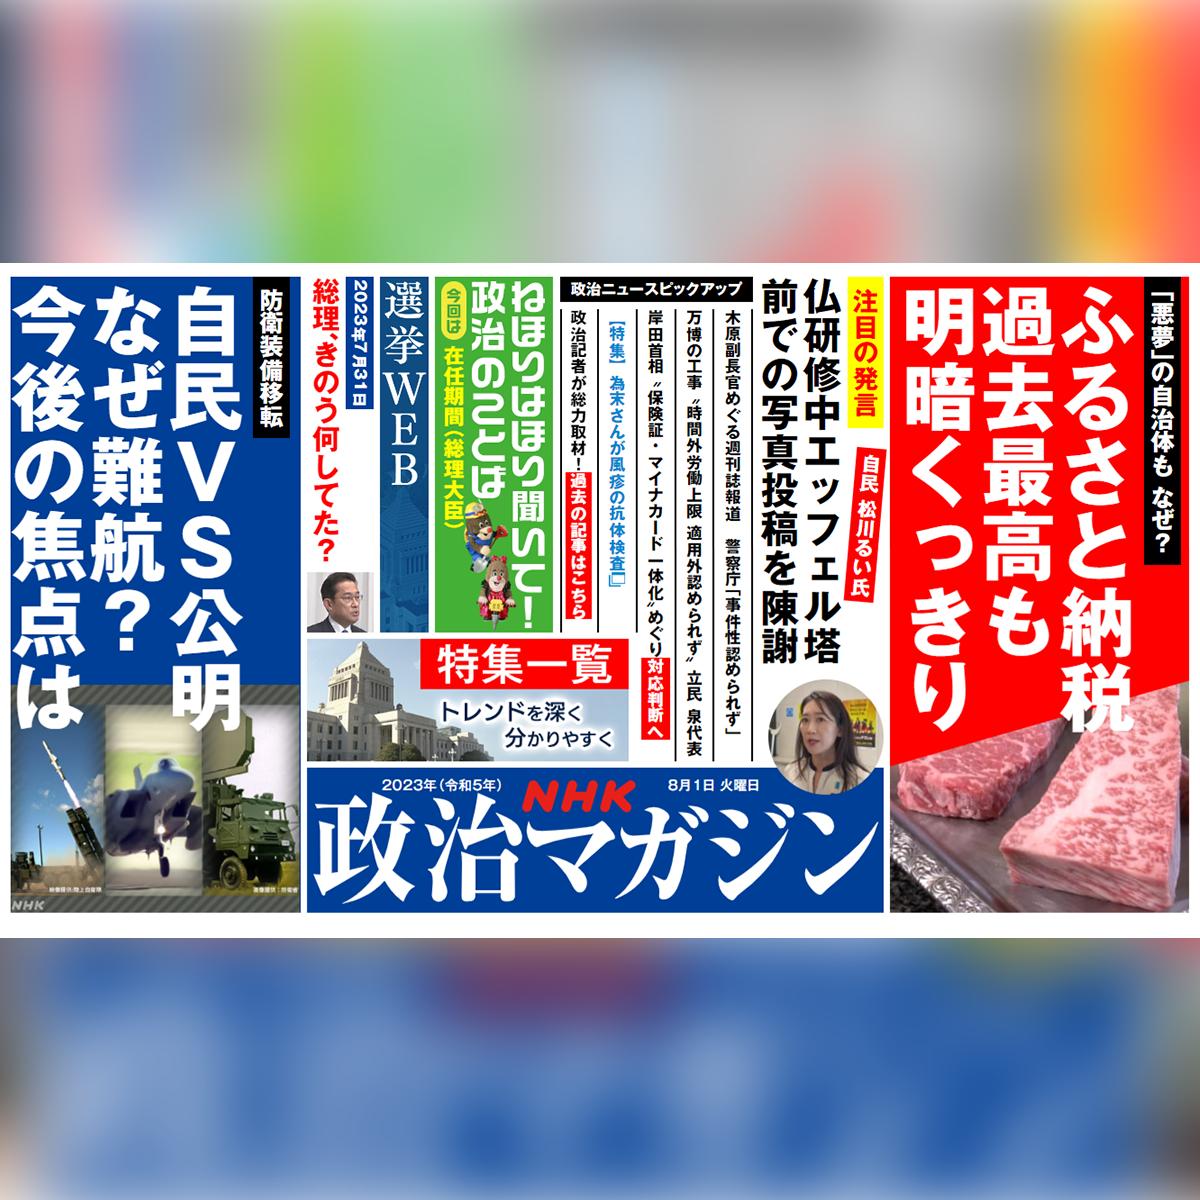 政治 の ニュース